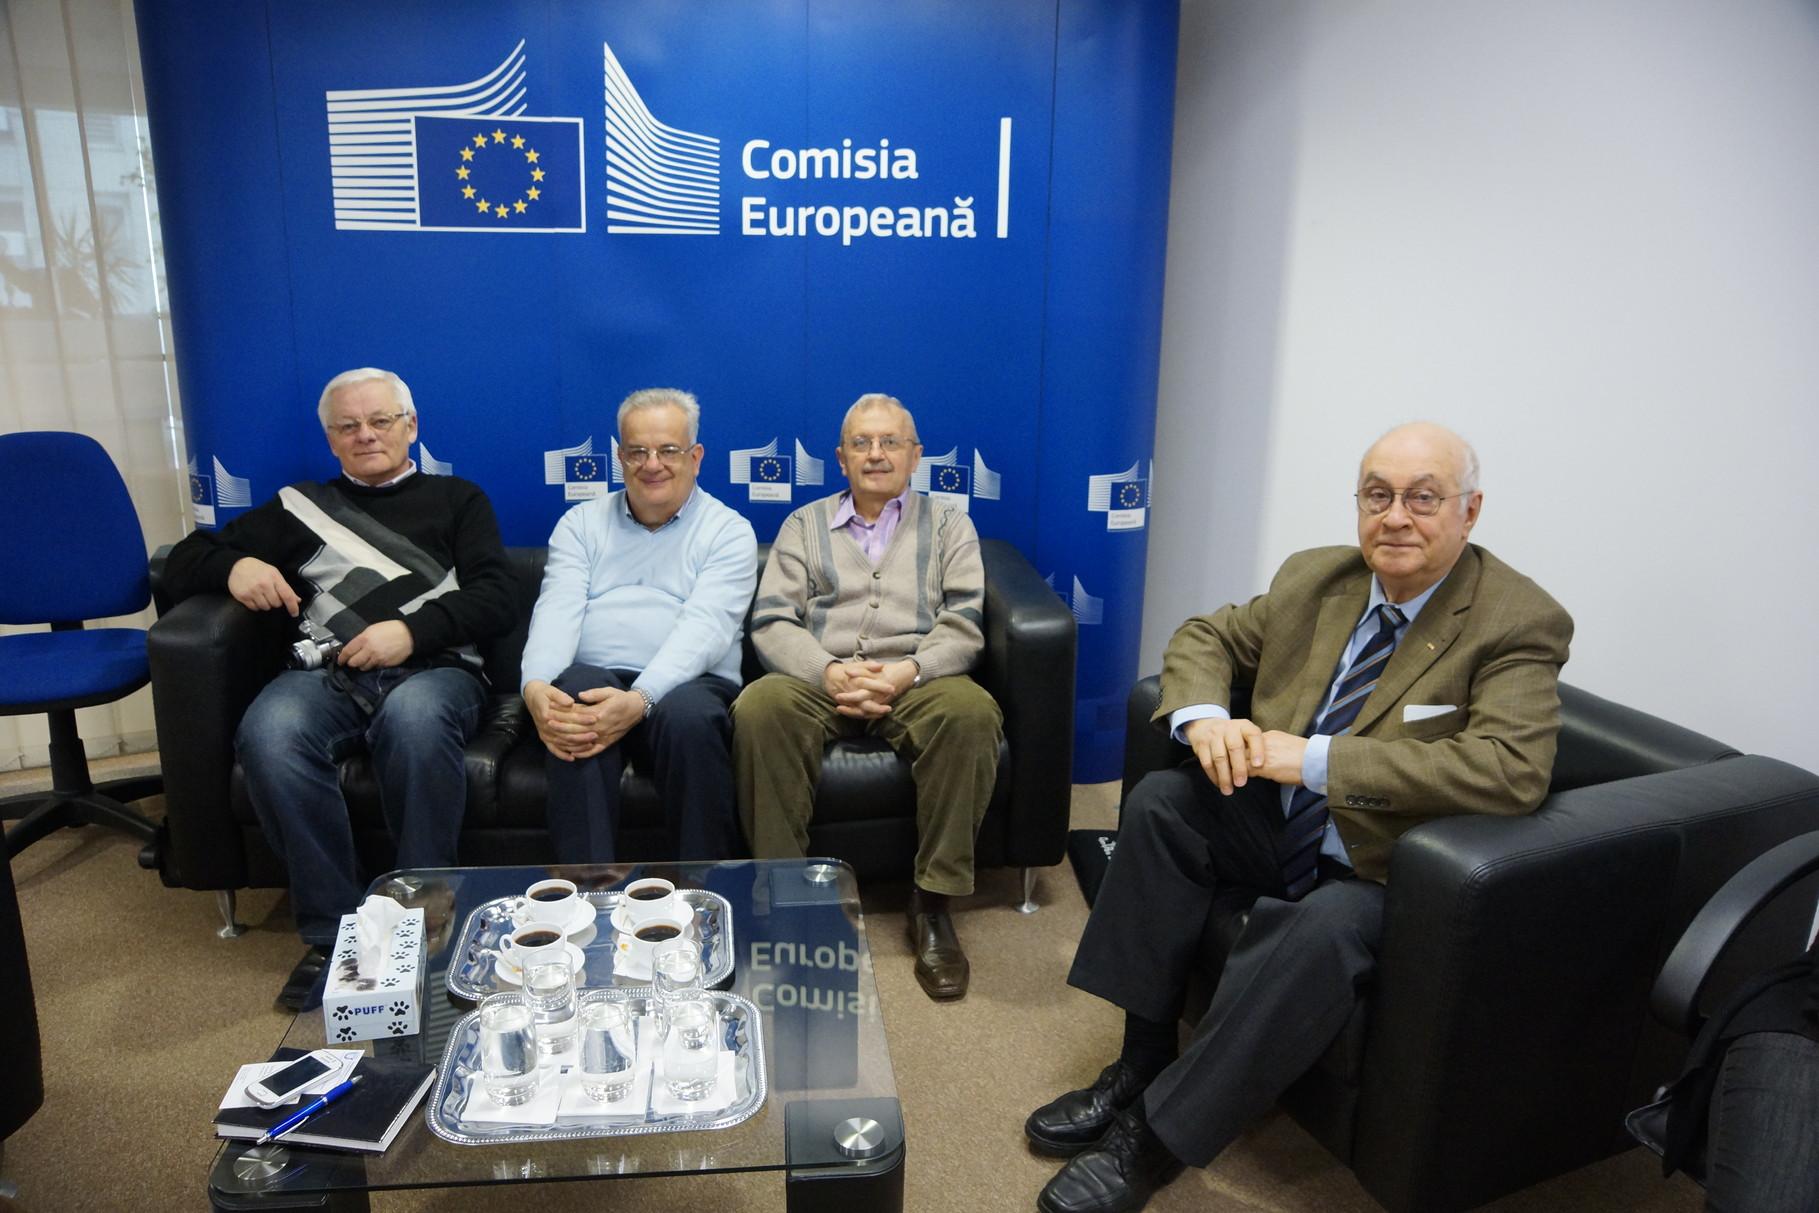 Reprezentanţa Comisiei Europene în România - Bucureşti